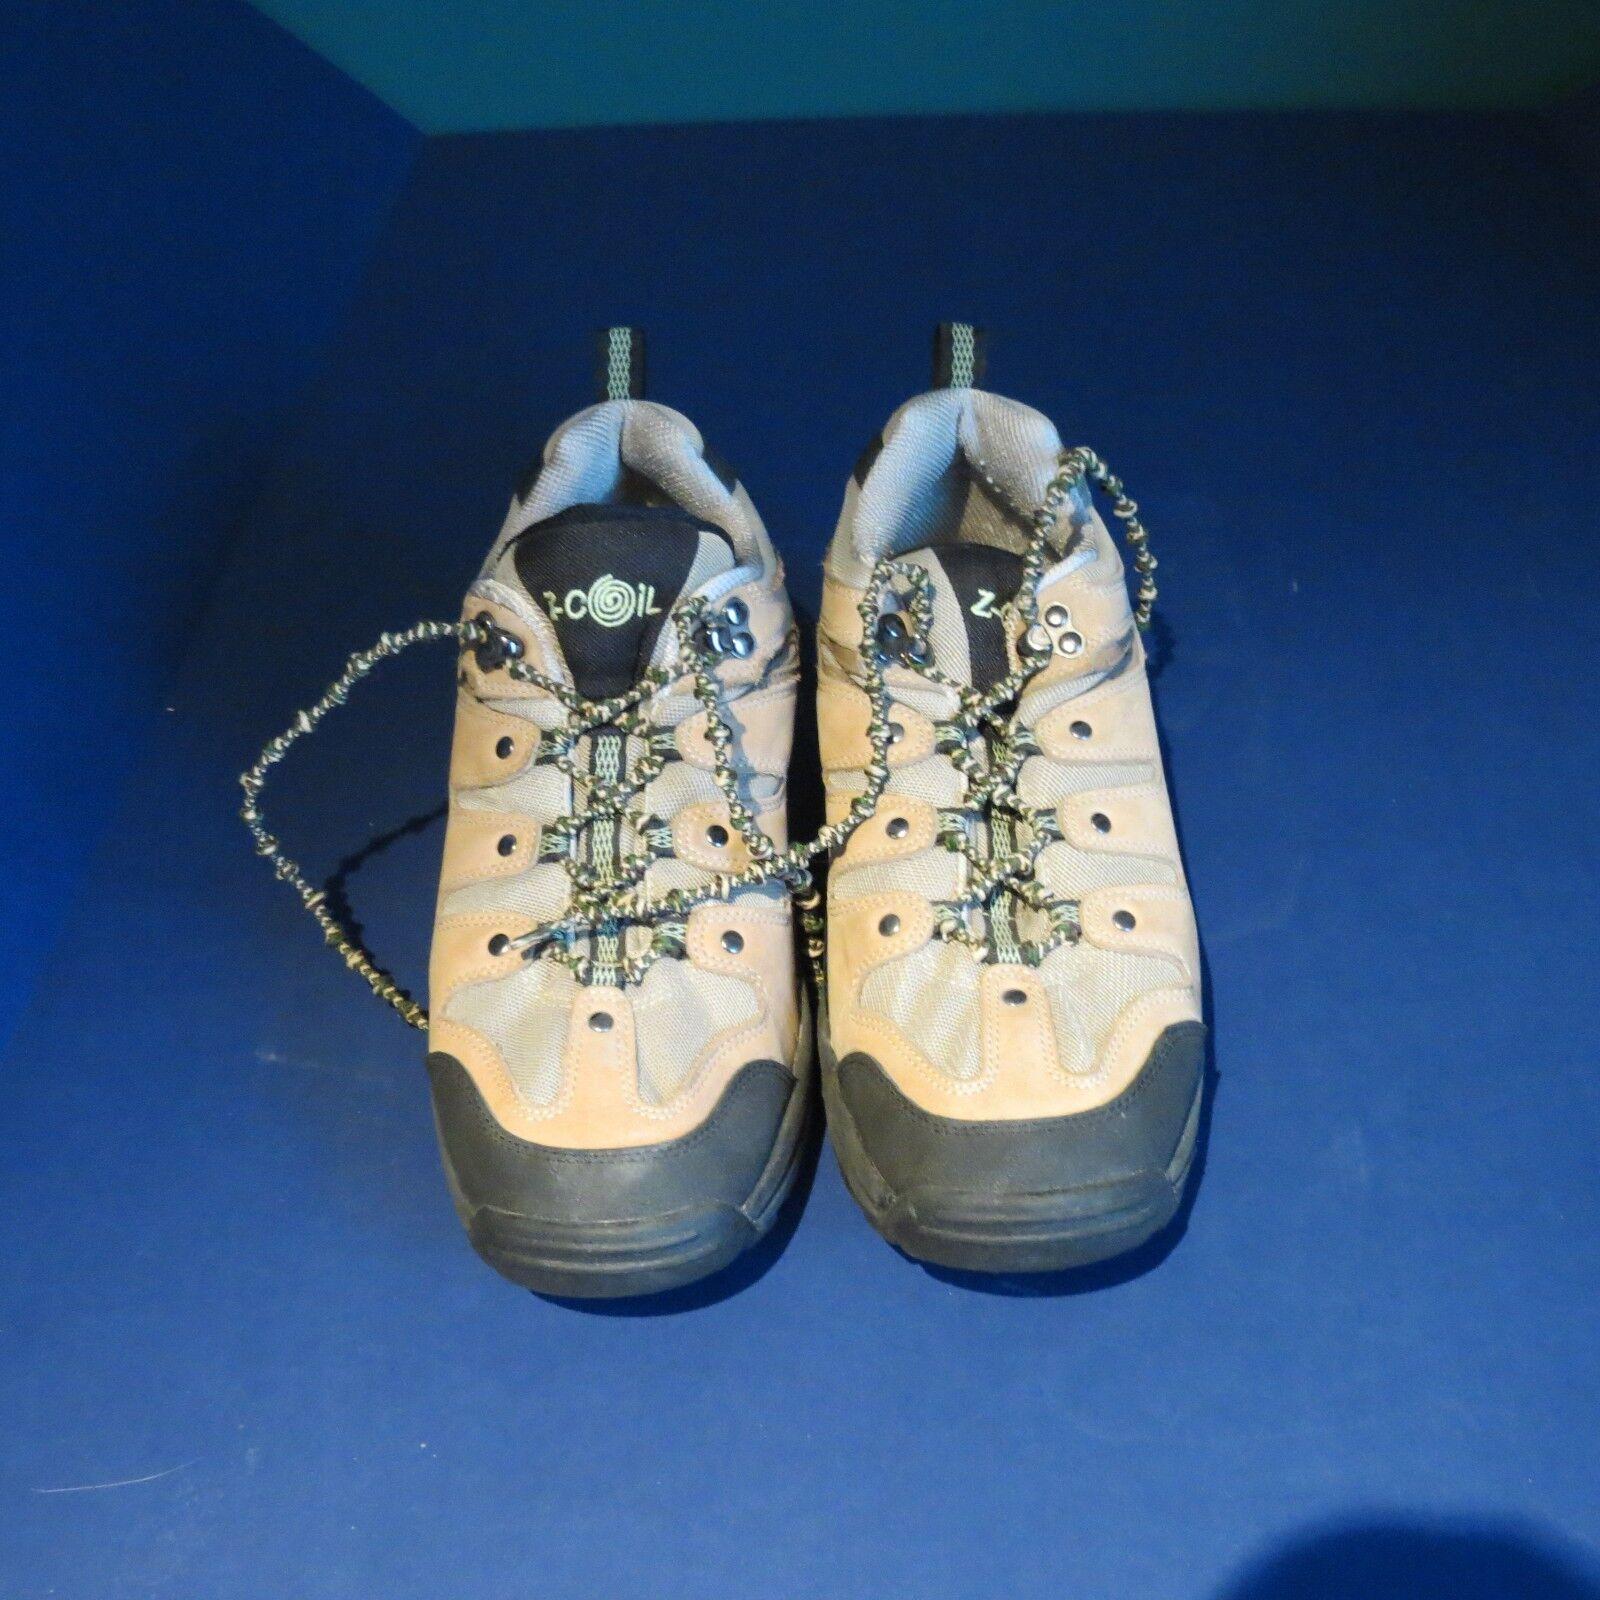 Excellent état utilisé Z-Coil soulagement douleur Chaussures femmes 10 Tan Z-Trek utilisés 1 semaine nouées Lacets